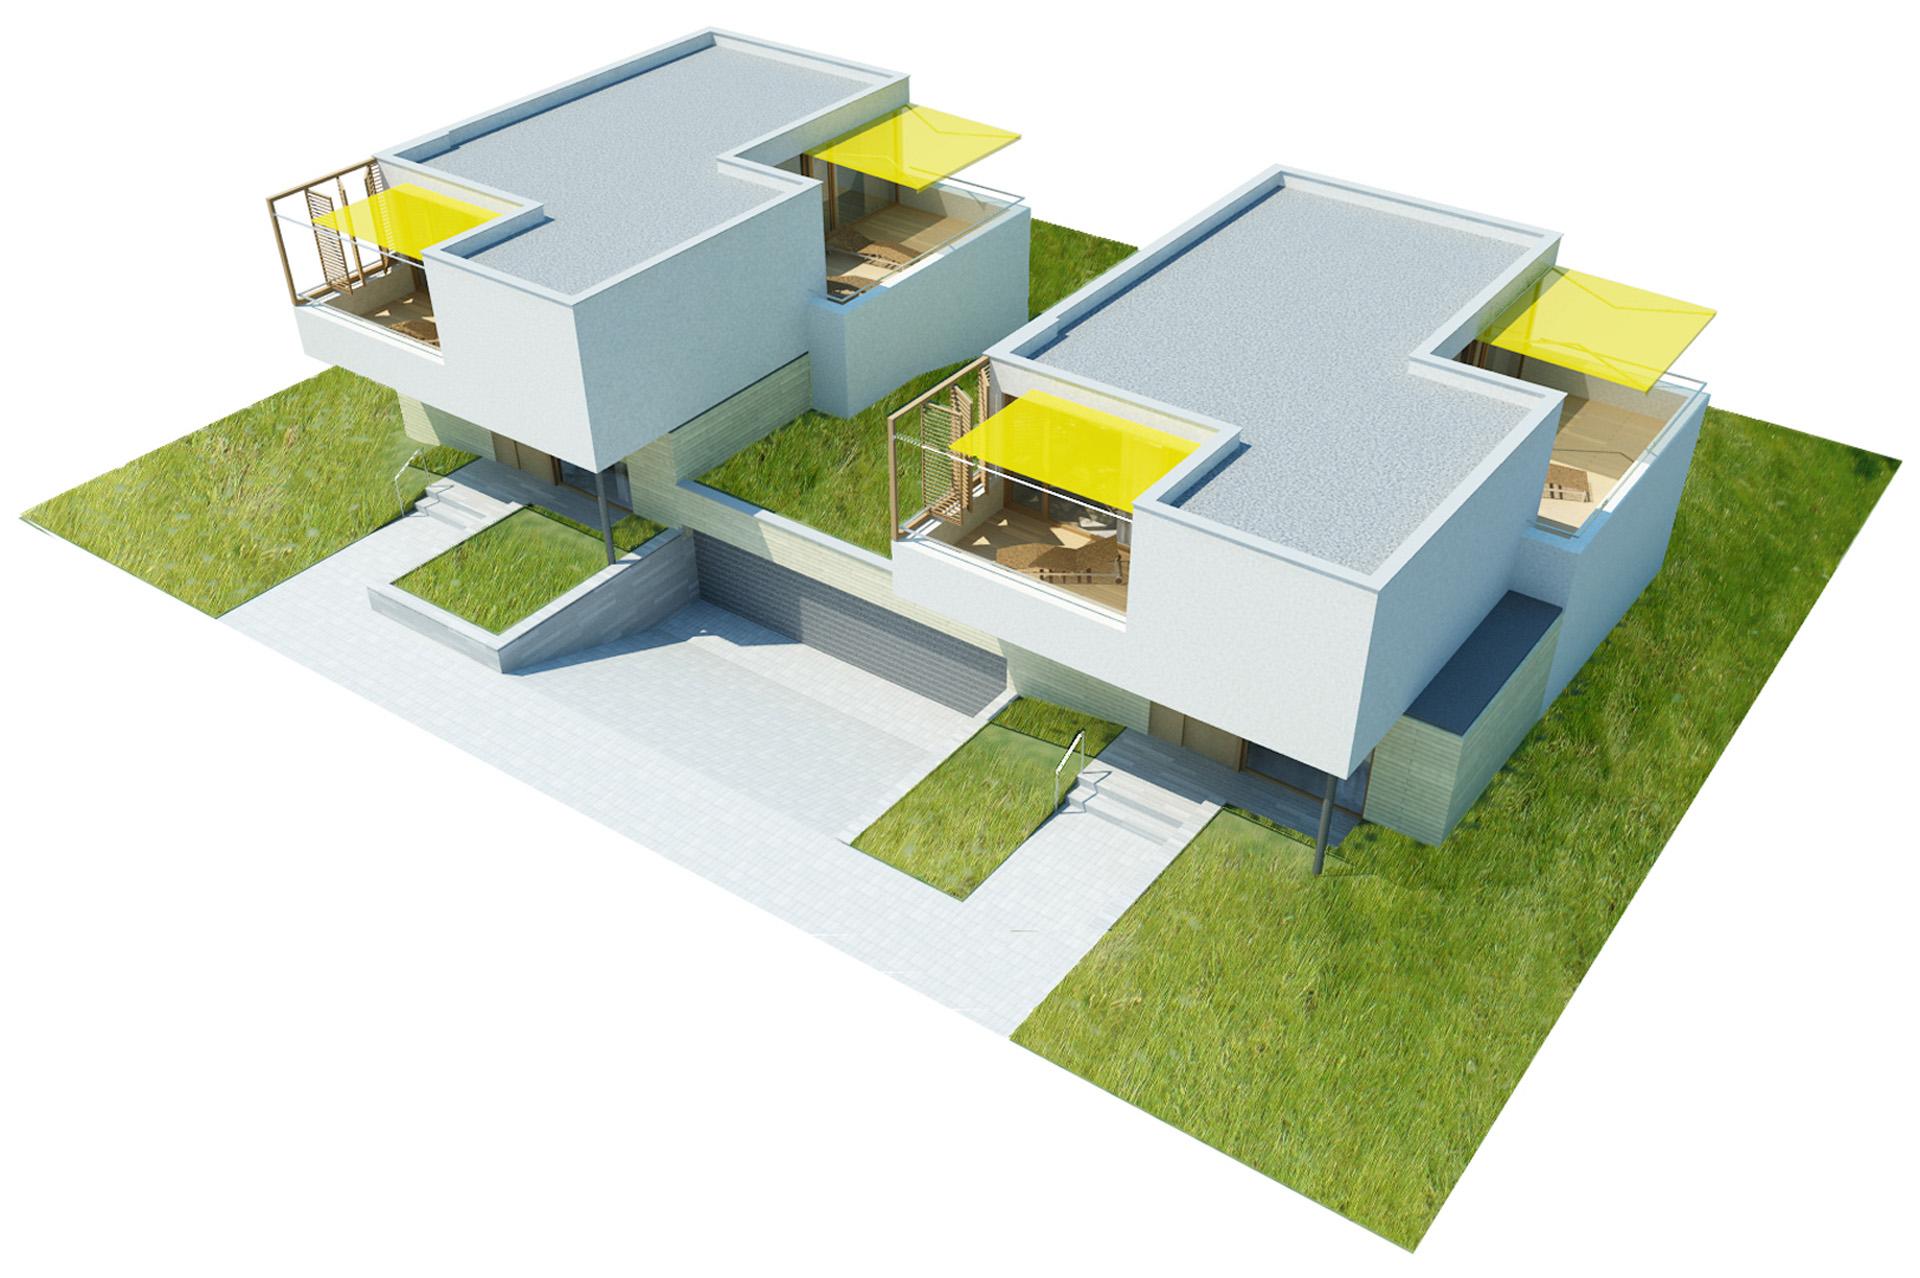 Projekt architektoniczny zespołu budynków jednorodzinnych w zabudowie bliźniaczej przy ul. Stryjeńskich w Warszawie. BAZA architekci.